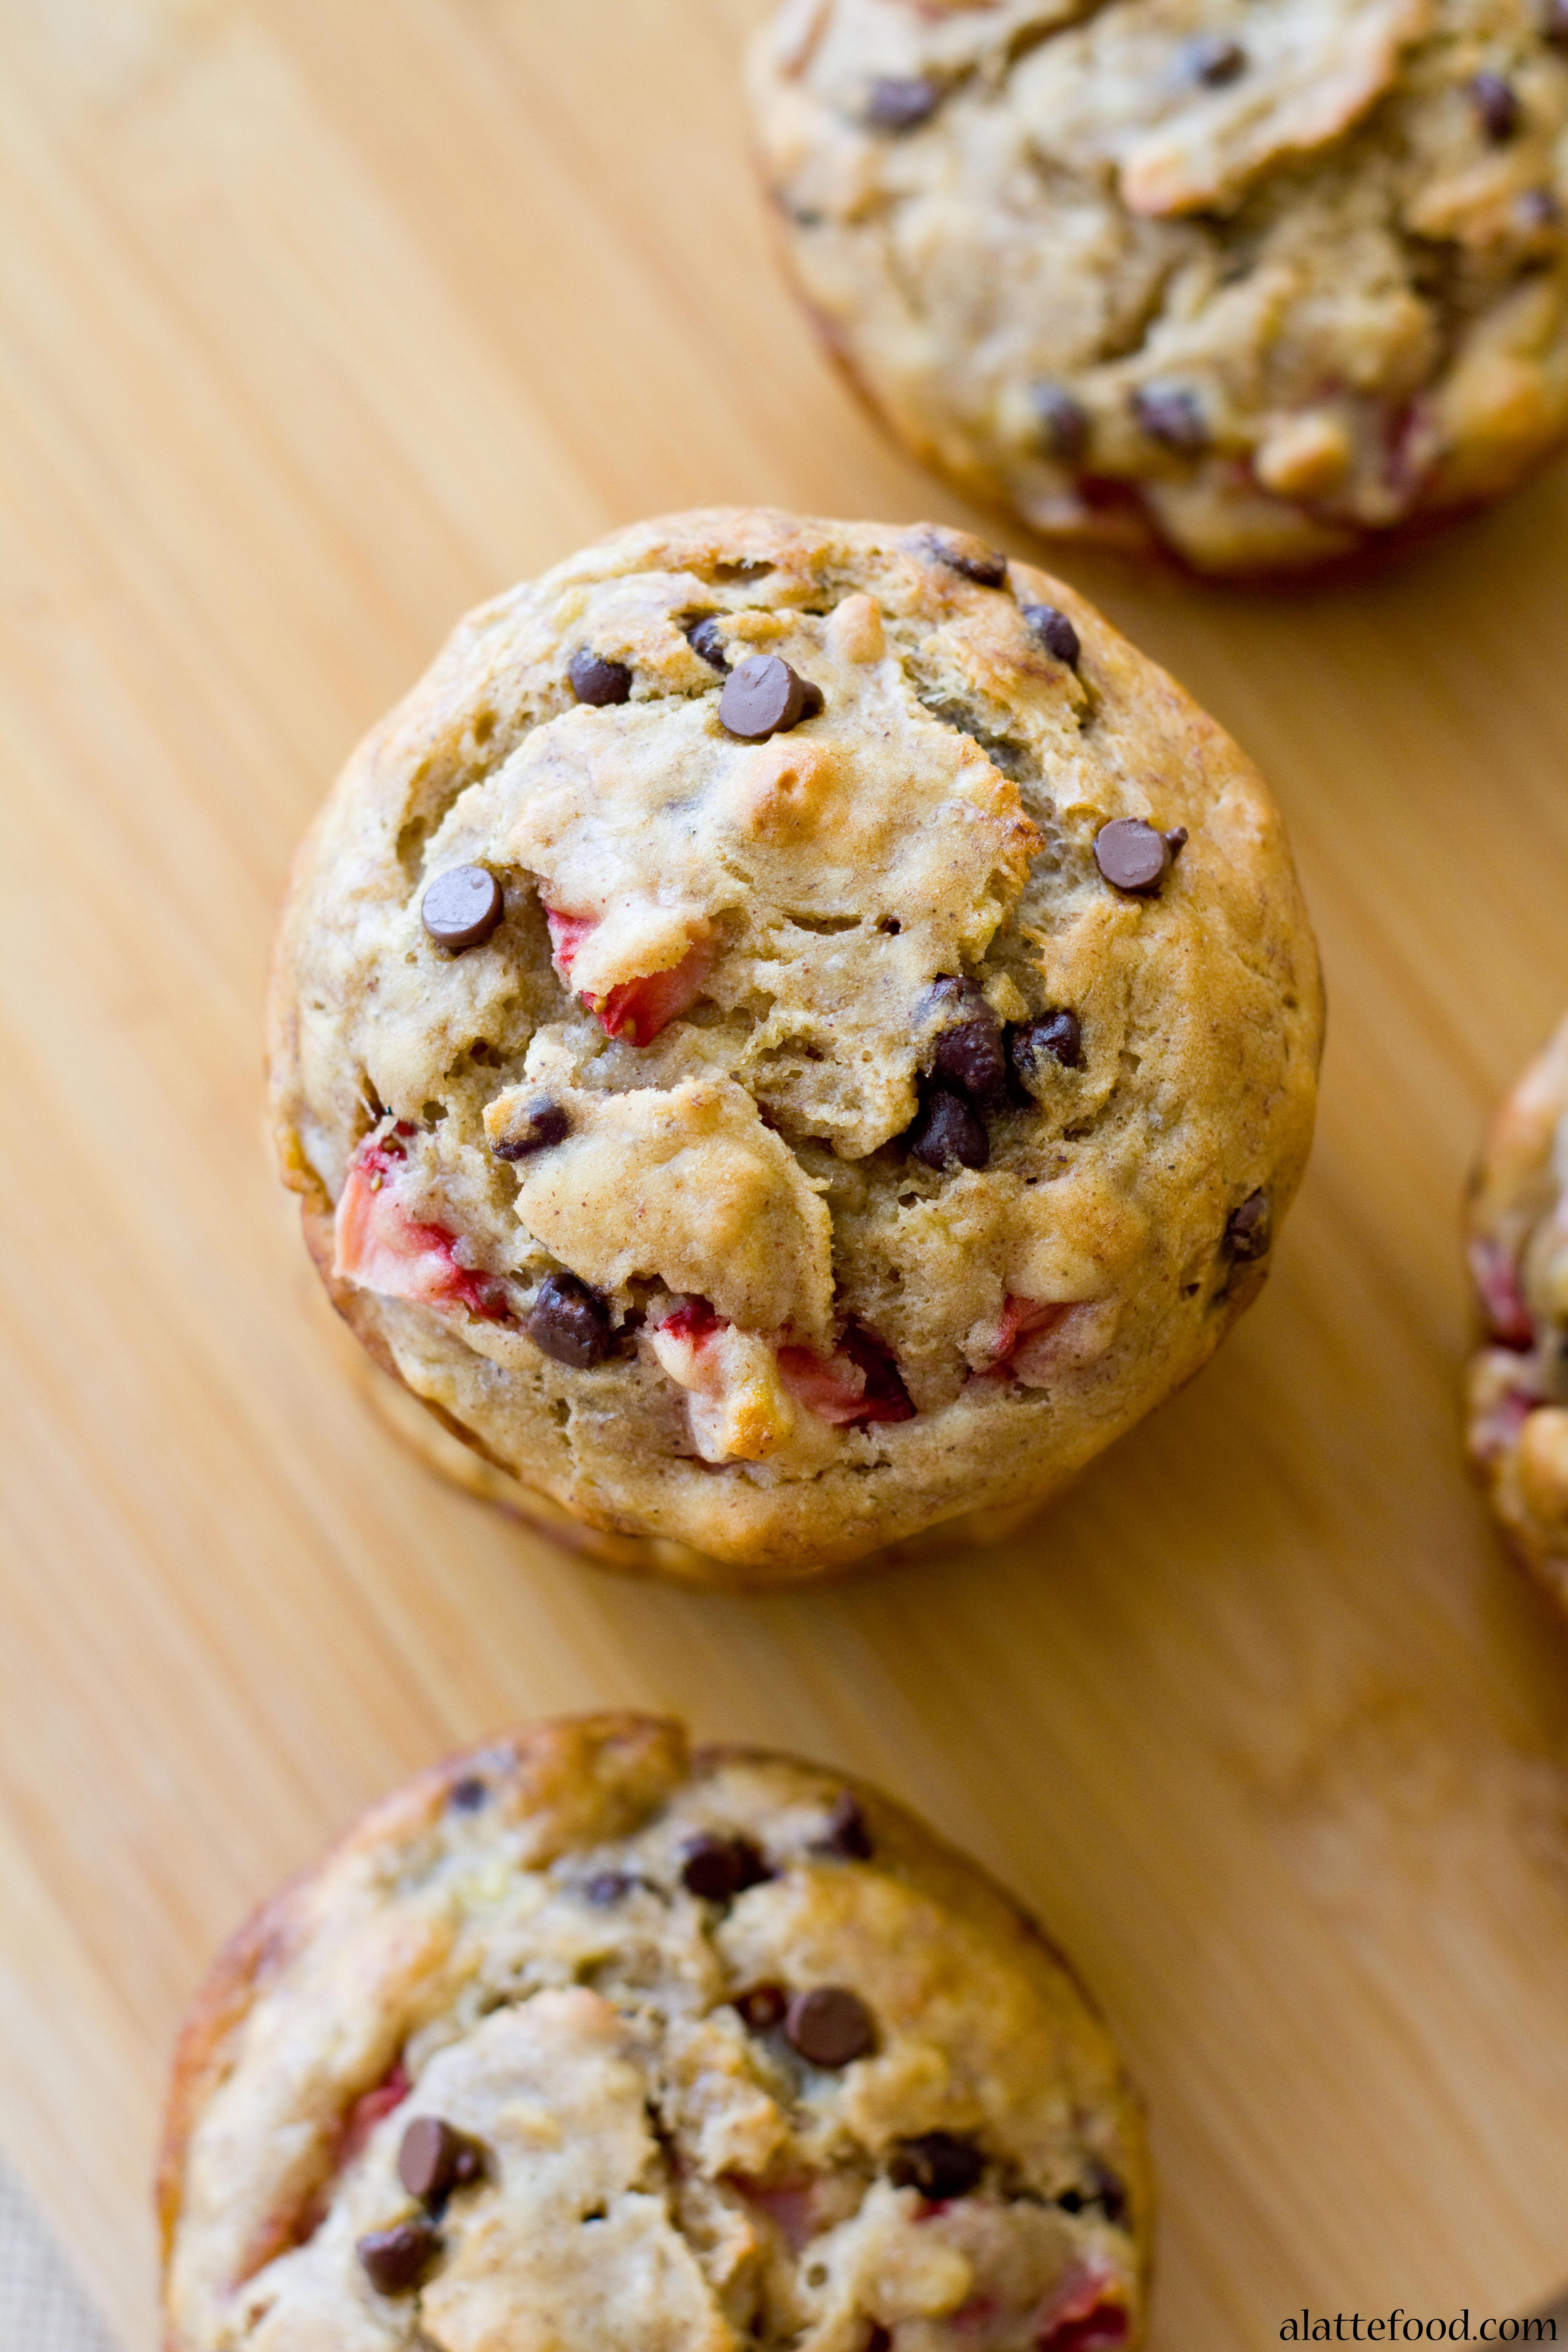 Skinny} Strawberry Banana Chocolate Chip Muffins